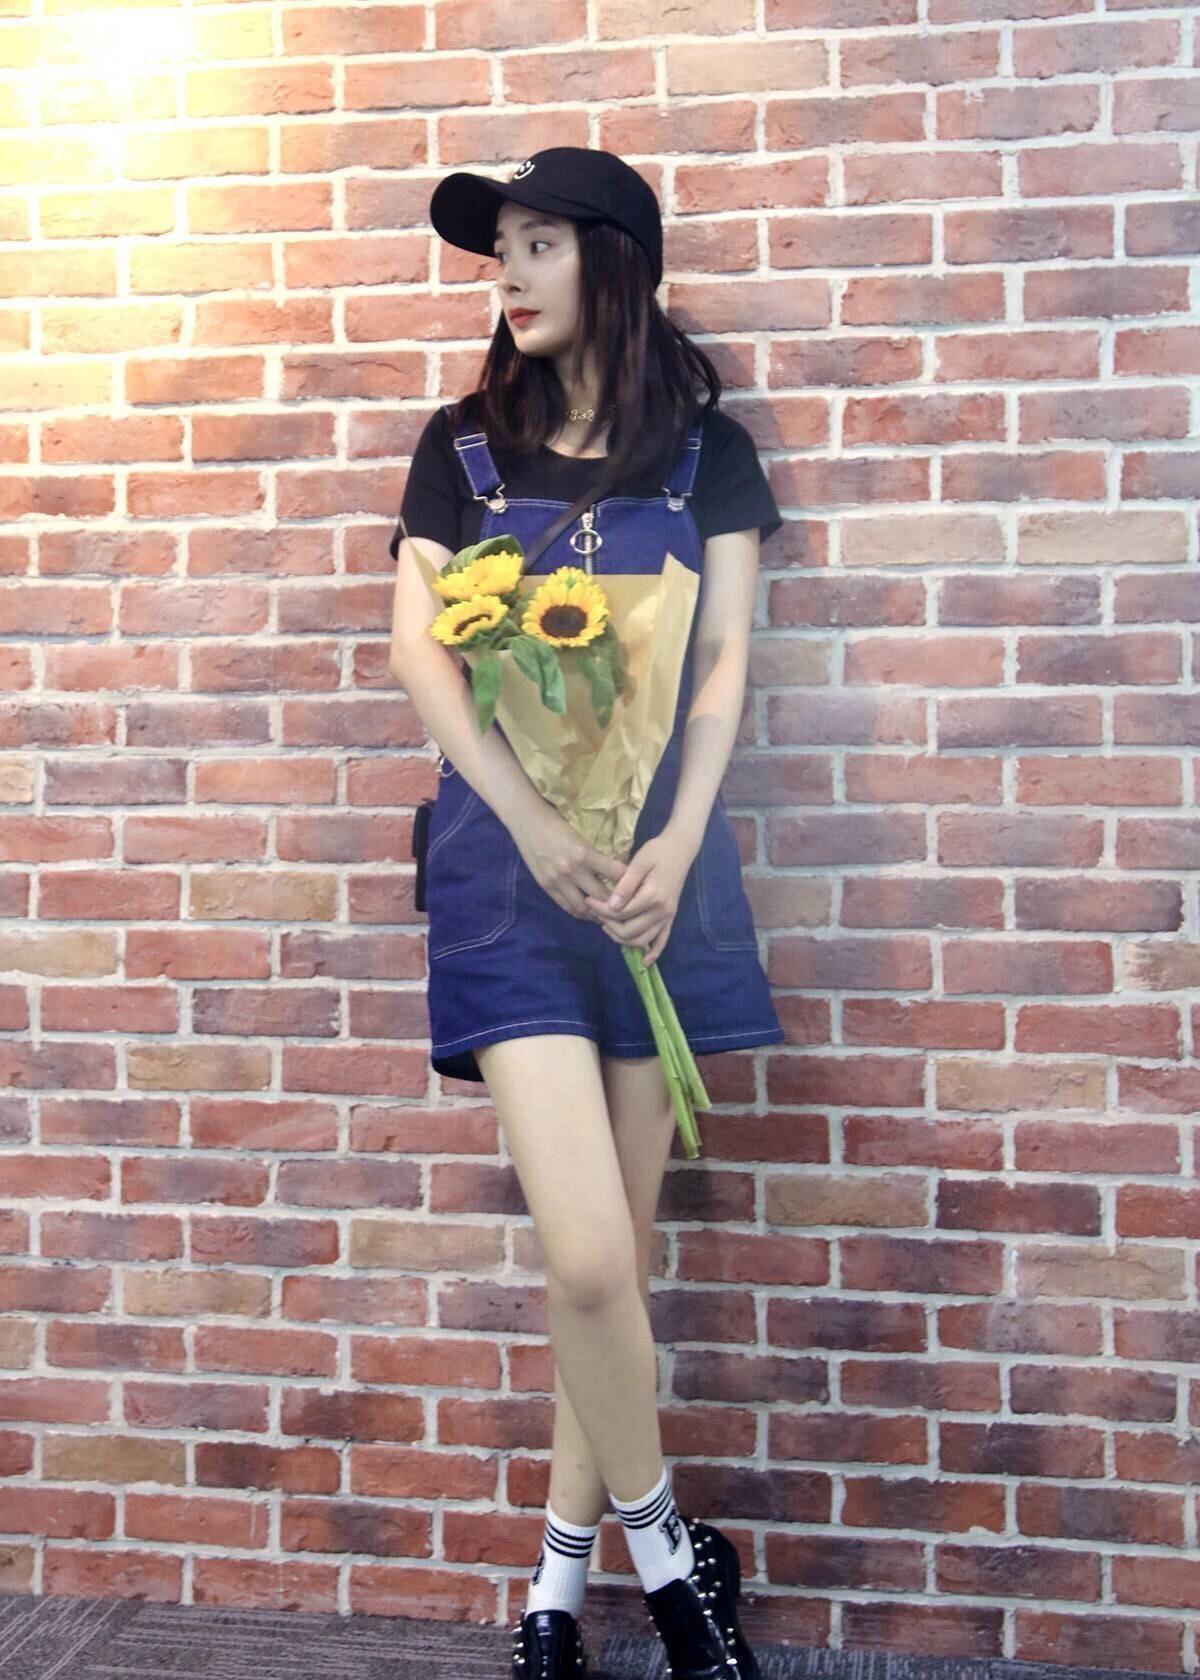 杨幂:穿衣总是引领时尚潮流,美貌身材也是没的说